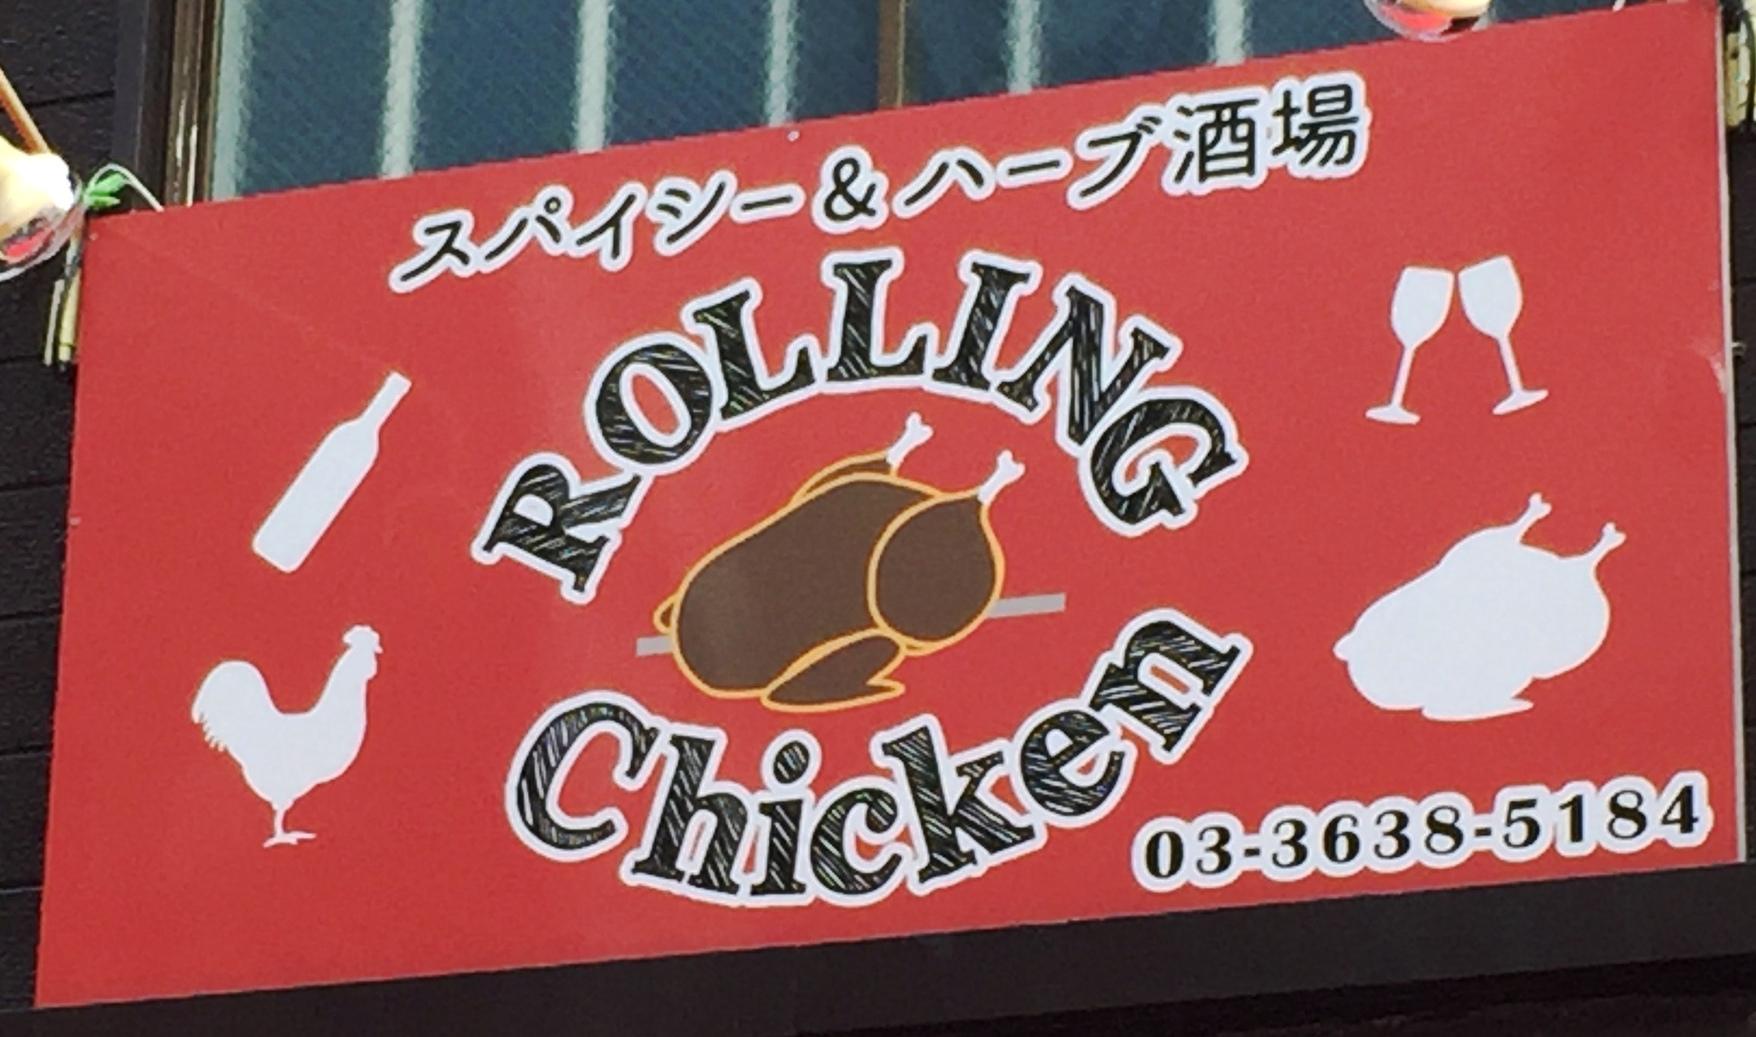 ローリングチキン 亀戸店